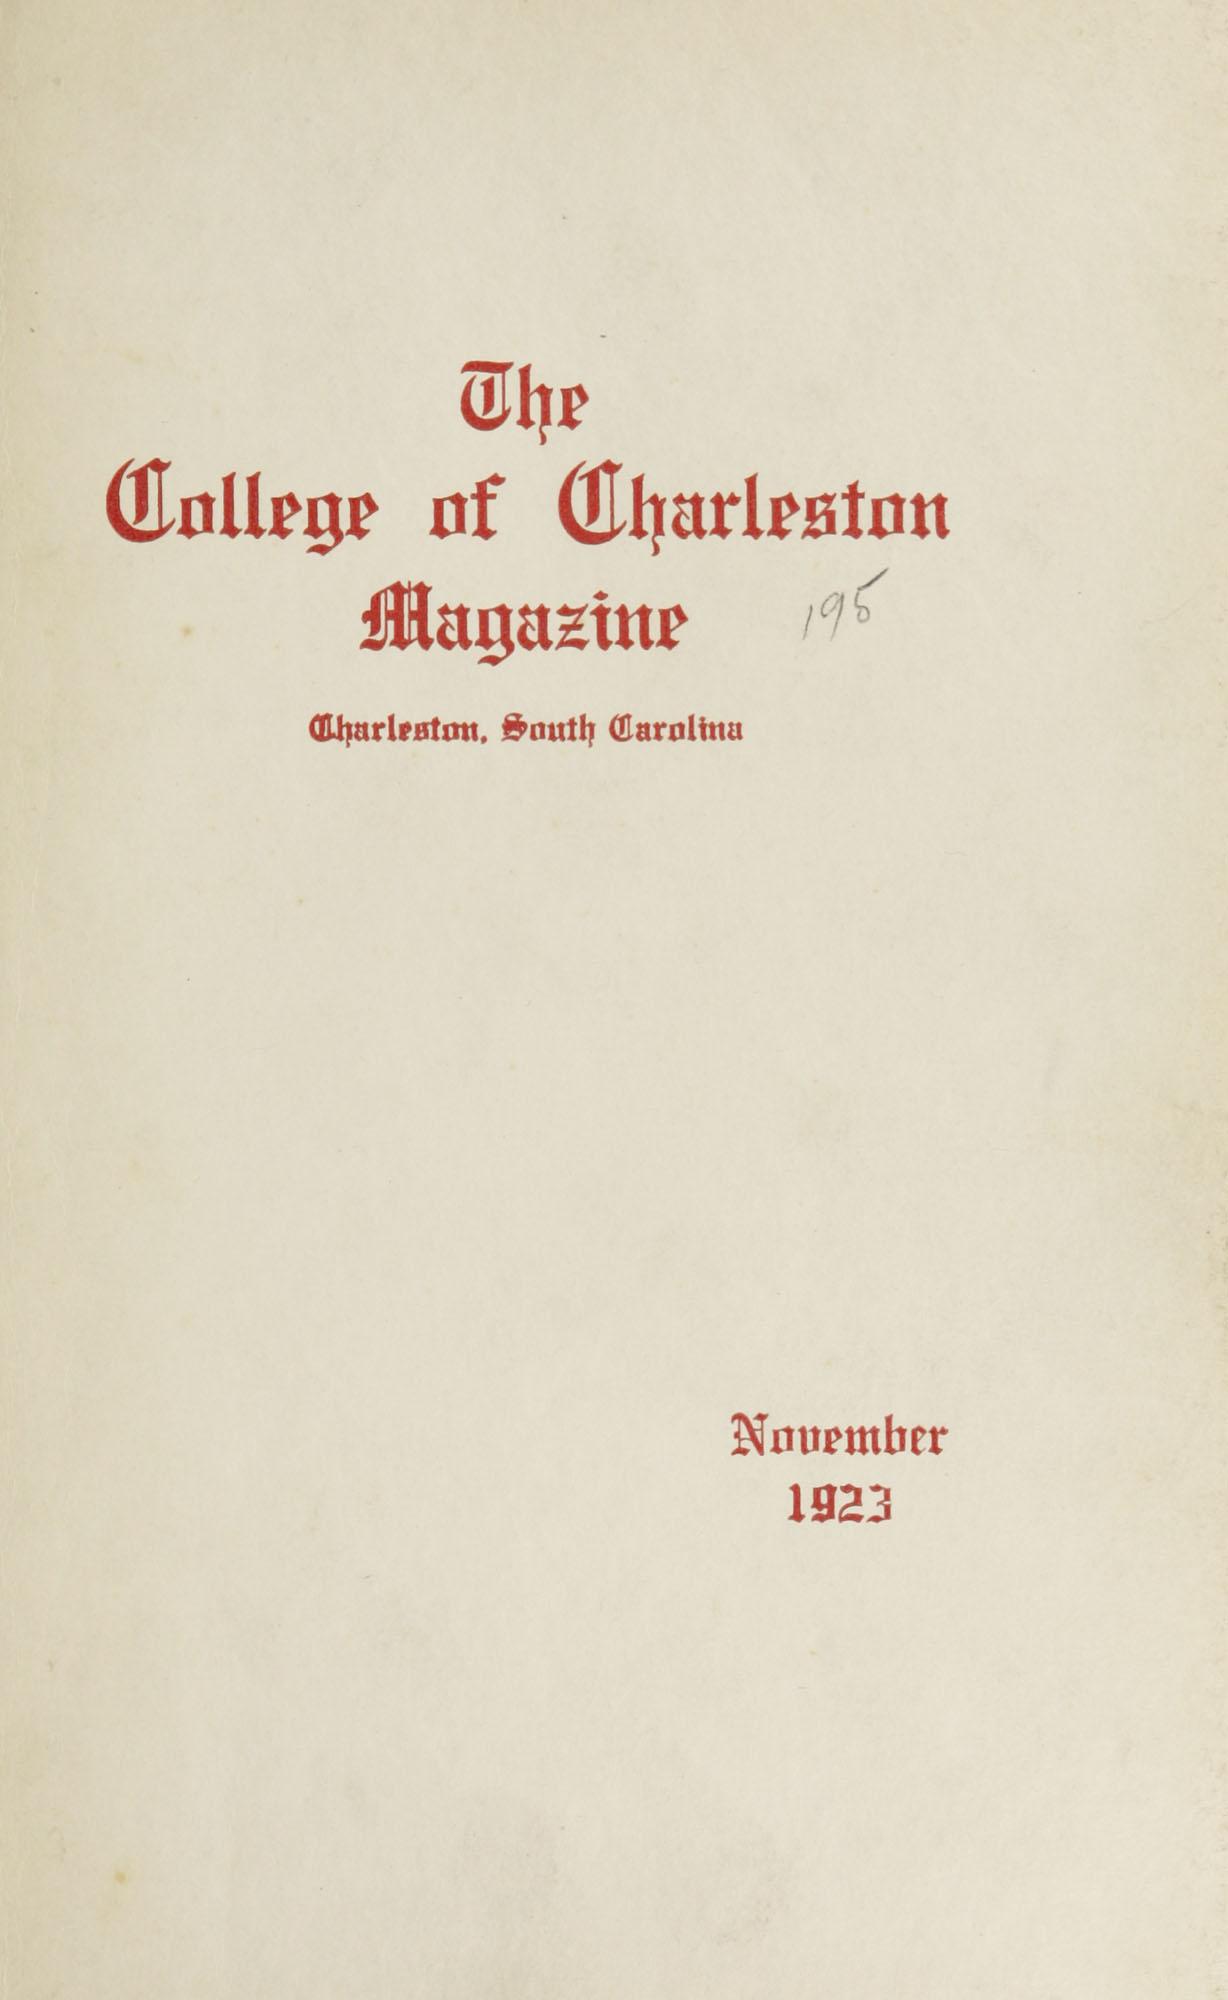 College of Charleston Magazine, 1923-1924